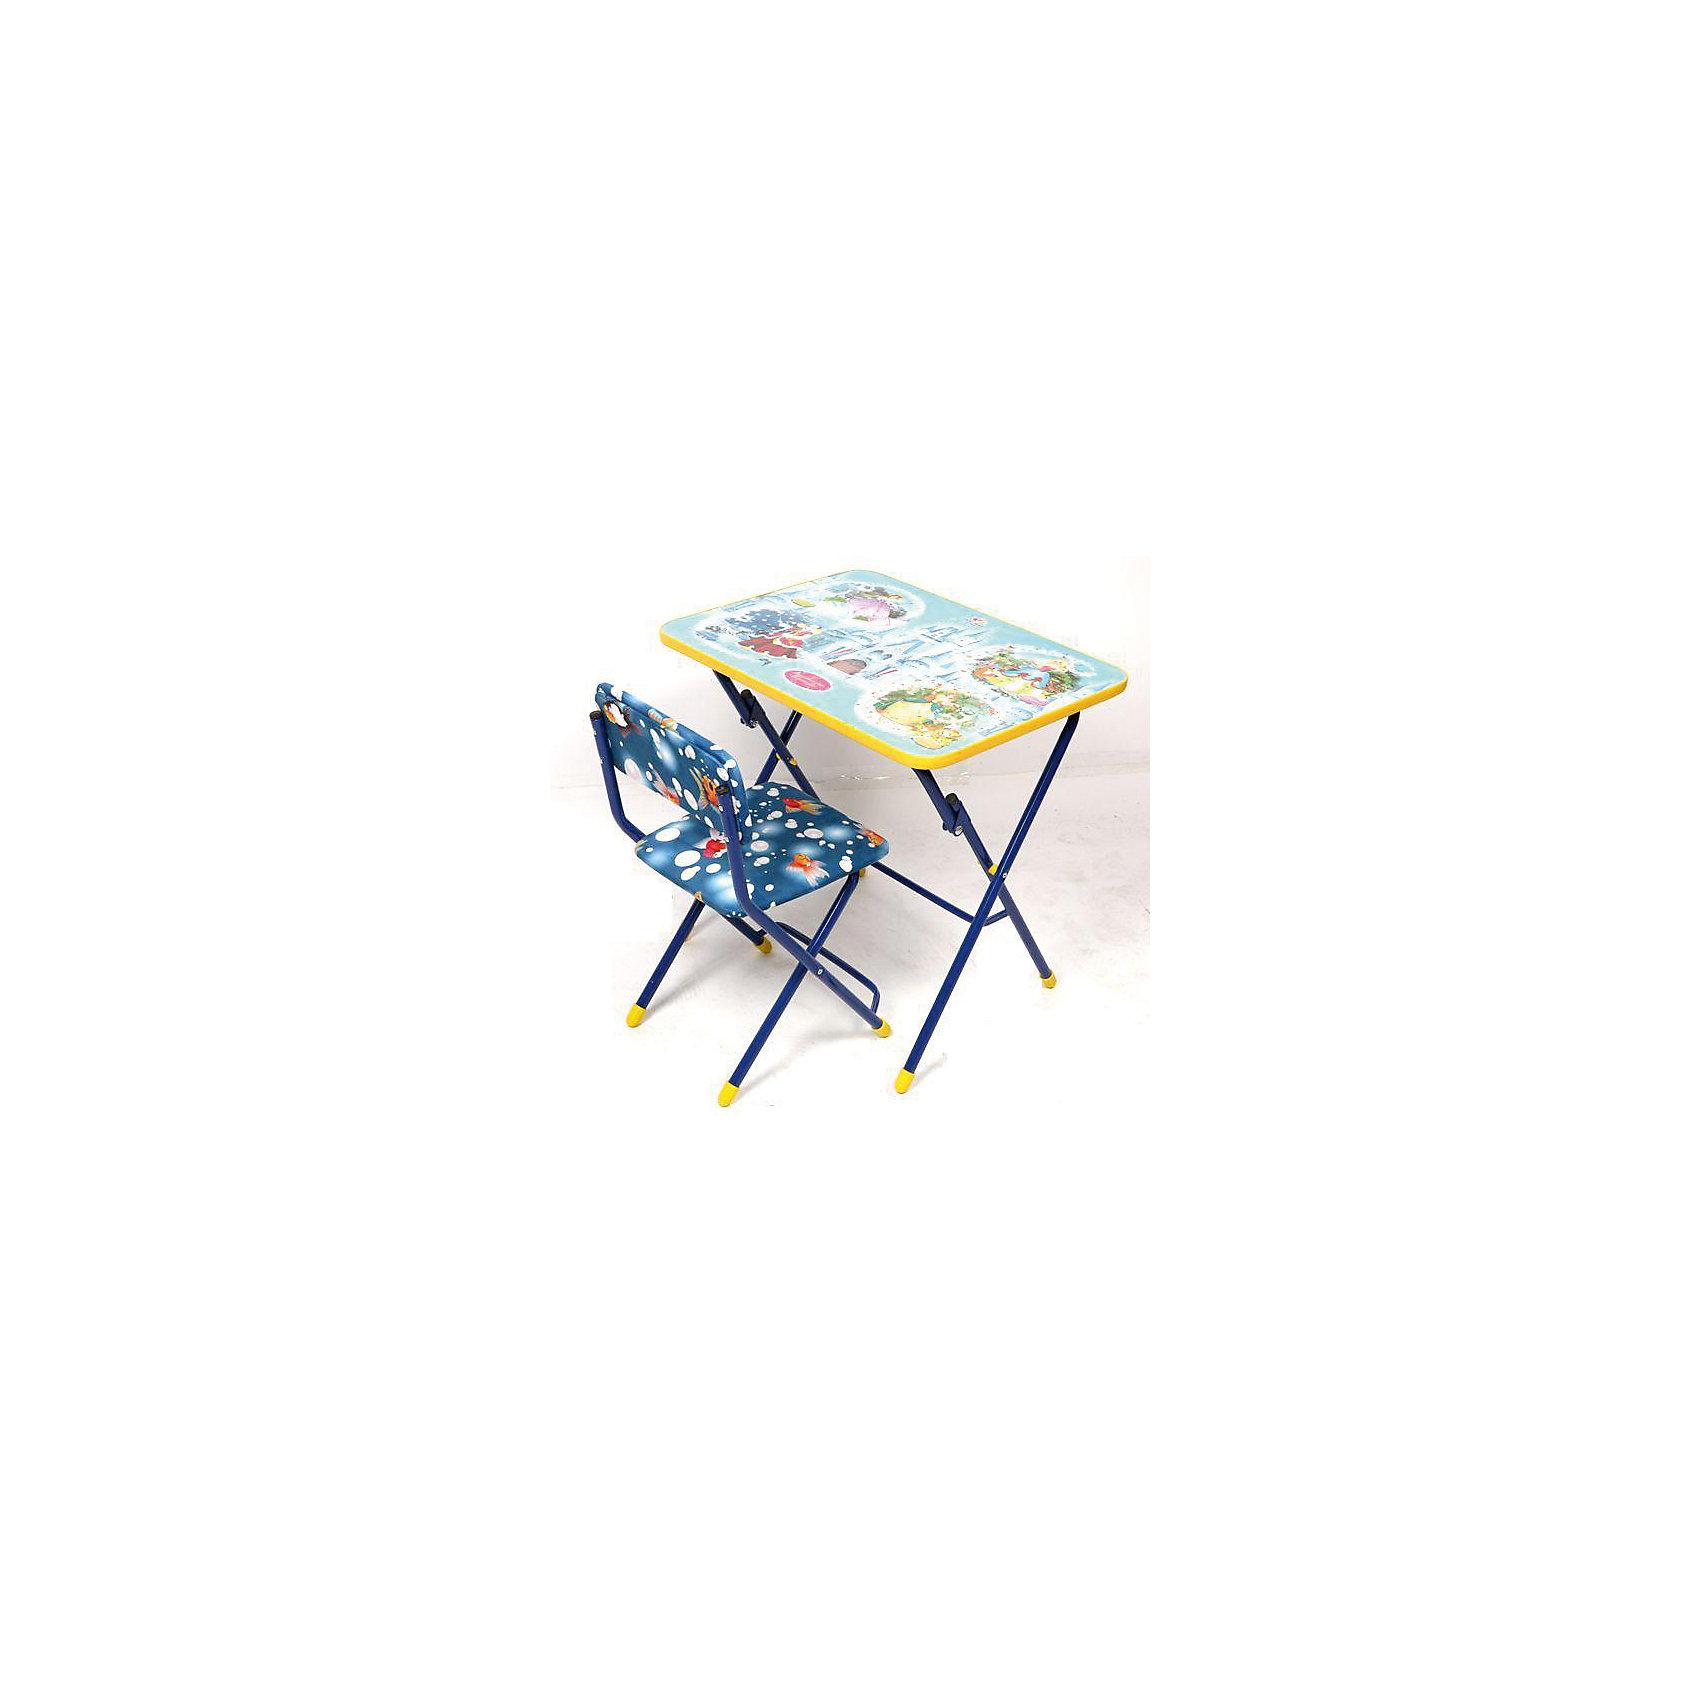 Набор мебели Волшебный мир принцессМебель<br>Набор детской мебели Волшебный мир принцесс состоит из складных стола и стула. Столешница облицована пленками, с различными тематическими рисунками (игра, ПДД, географическая карта , маленькая принцесса, азбука). Сиденье стульчика имеет мягкую обивку из флока ярких расцветок. На ножках стула установлены пластмассовые наконечники. <br><br>Характеристики:<br>-Цвет: синий, голубой<br>-Серия: Принцессы Диснея<br>-Тип стула: складной с мягким сиденьем<br>-Группа роста: 1,3-1,45 м<br>-Металлический каркас<br>-При хранении и транспортировке не занимает много места, собирается в плоскость до 10 см толщиной<br><br>Дополнительная информация:<br>-Размер стола: 600х450х570 мм<br>-Размеры стула: 340х300х300 мм<br>-Материалы: флок, металл<br><br>Набор детской складной мебели порадует маленьких любительниц принцесс Диснея!<br><br>Набор детской мебели Волшебный мир принцесс можно купить в нашем магазине.<br><br>Ширина мм: 740<br>Глубина мм: 620<br>Высота мм: 150<br>Вес г: 9000<br>Возраст от месяцев: 36<br>Возраст до месяцев: 120<br>Пол: Женский<br>Возраст: Детский<br>SKU: 4121120